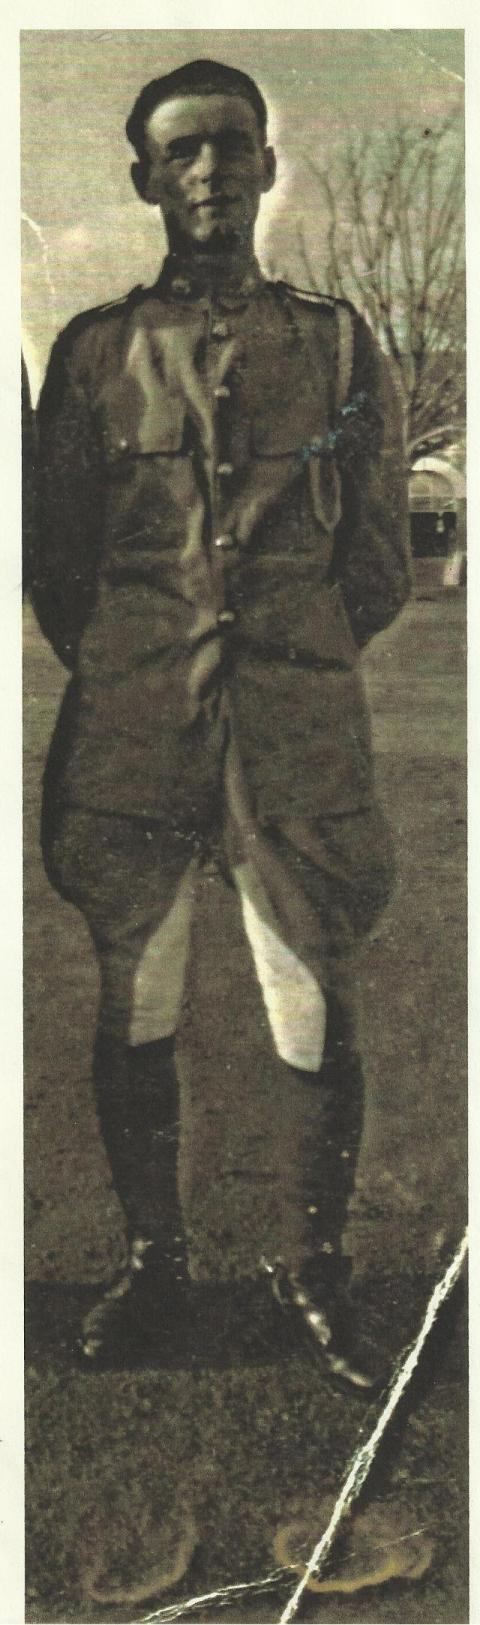 George William Woods